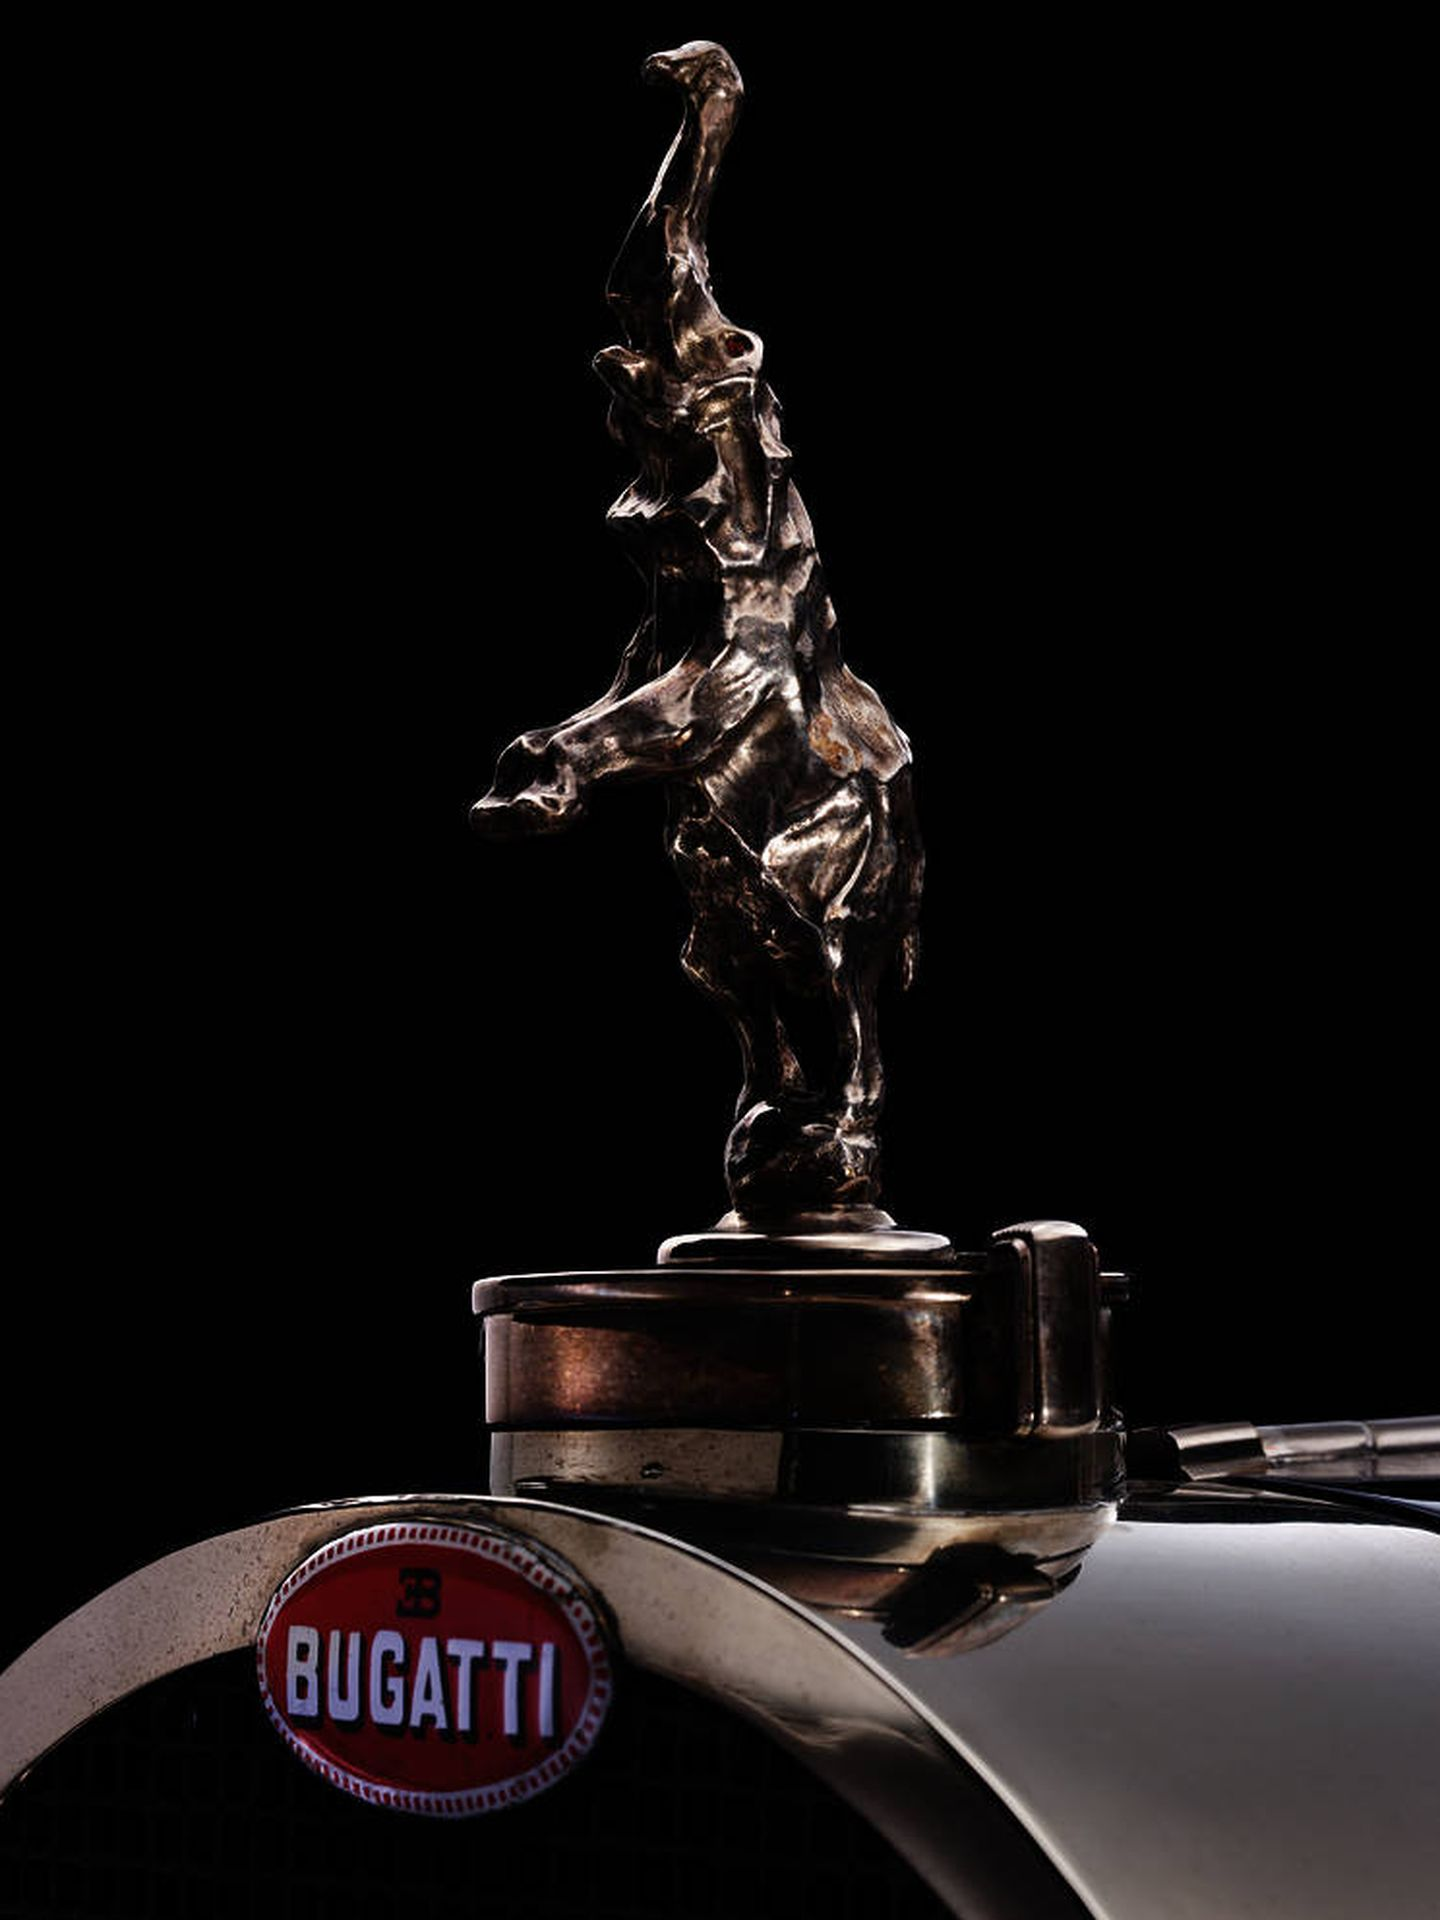 Esta es la figura que llevaban en su tapón del radiador los Royale, los únicos Bugatti con este elemento.